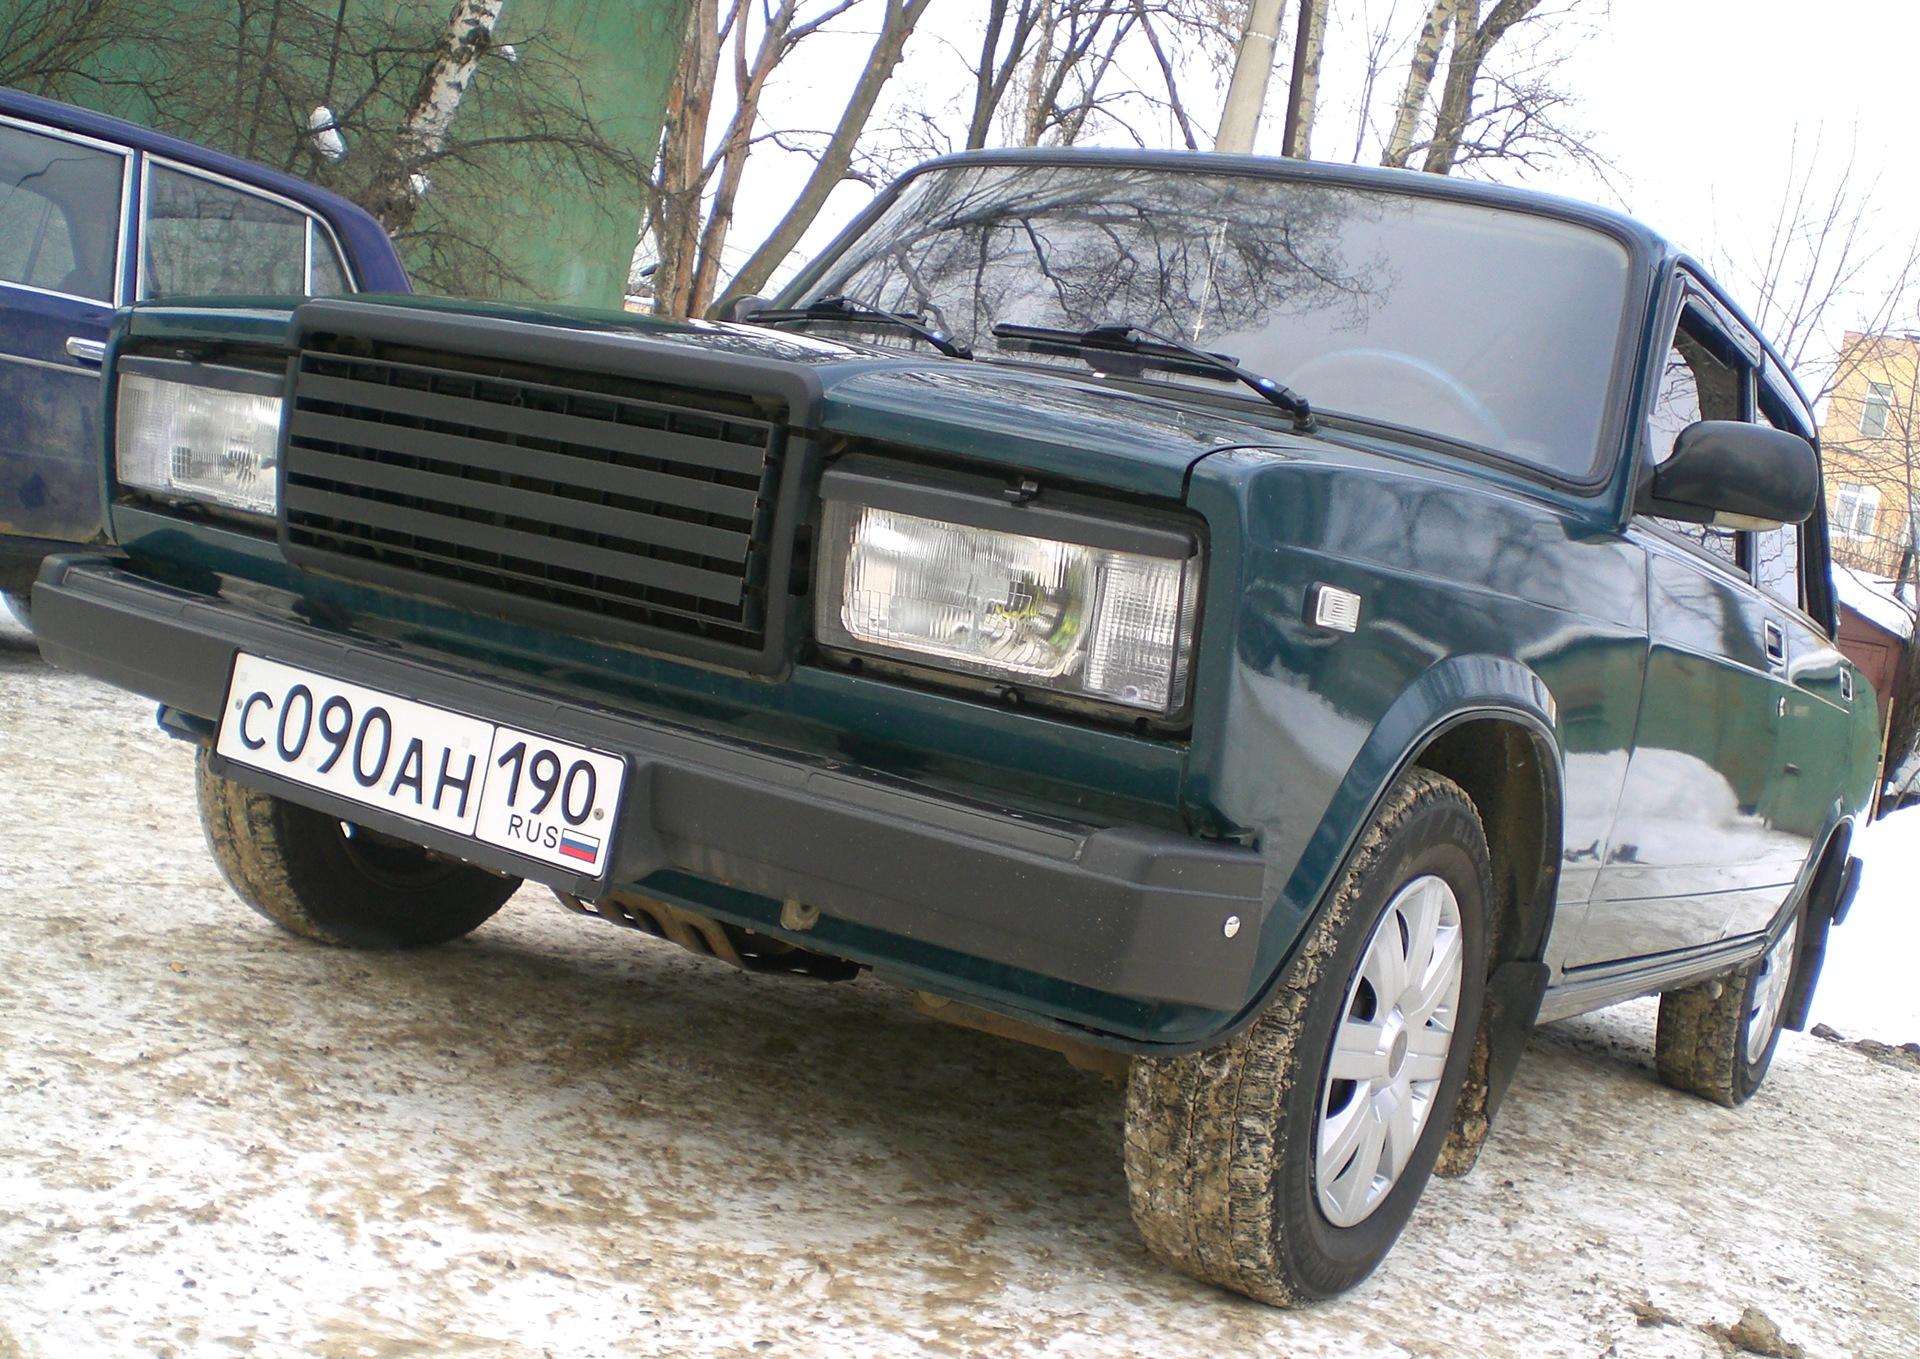 Лада 2107 Фото (14.02.10)